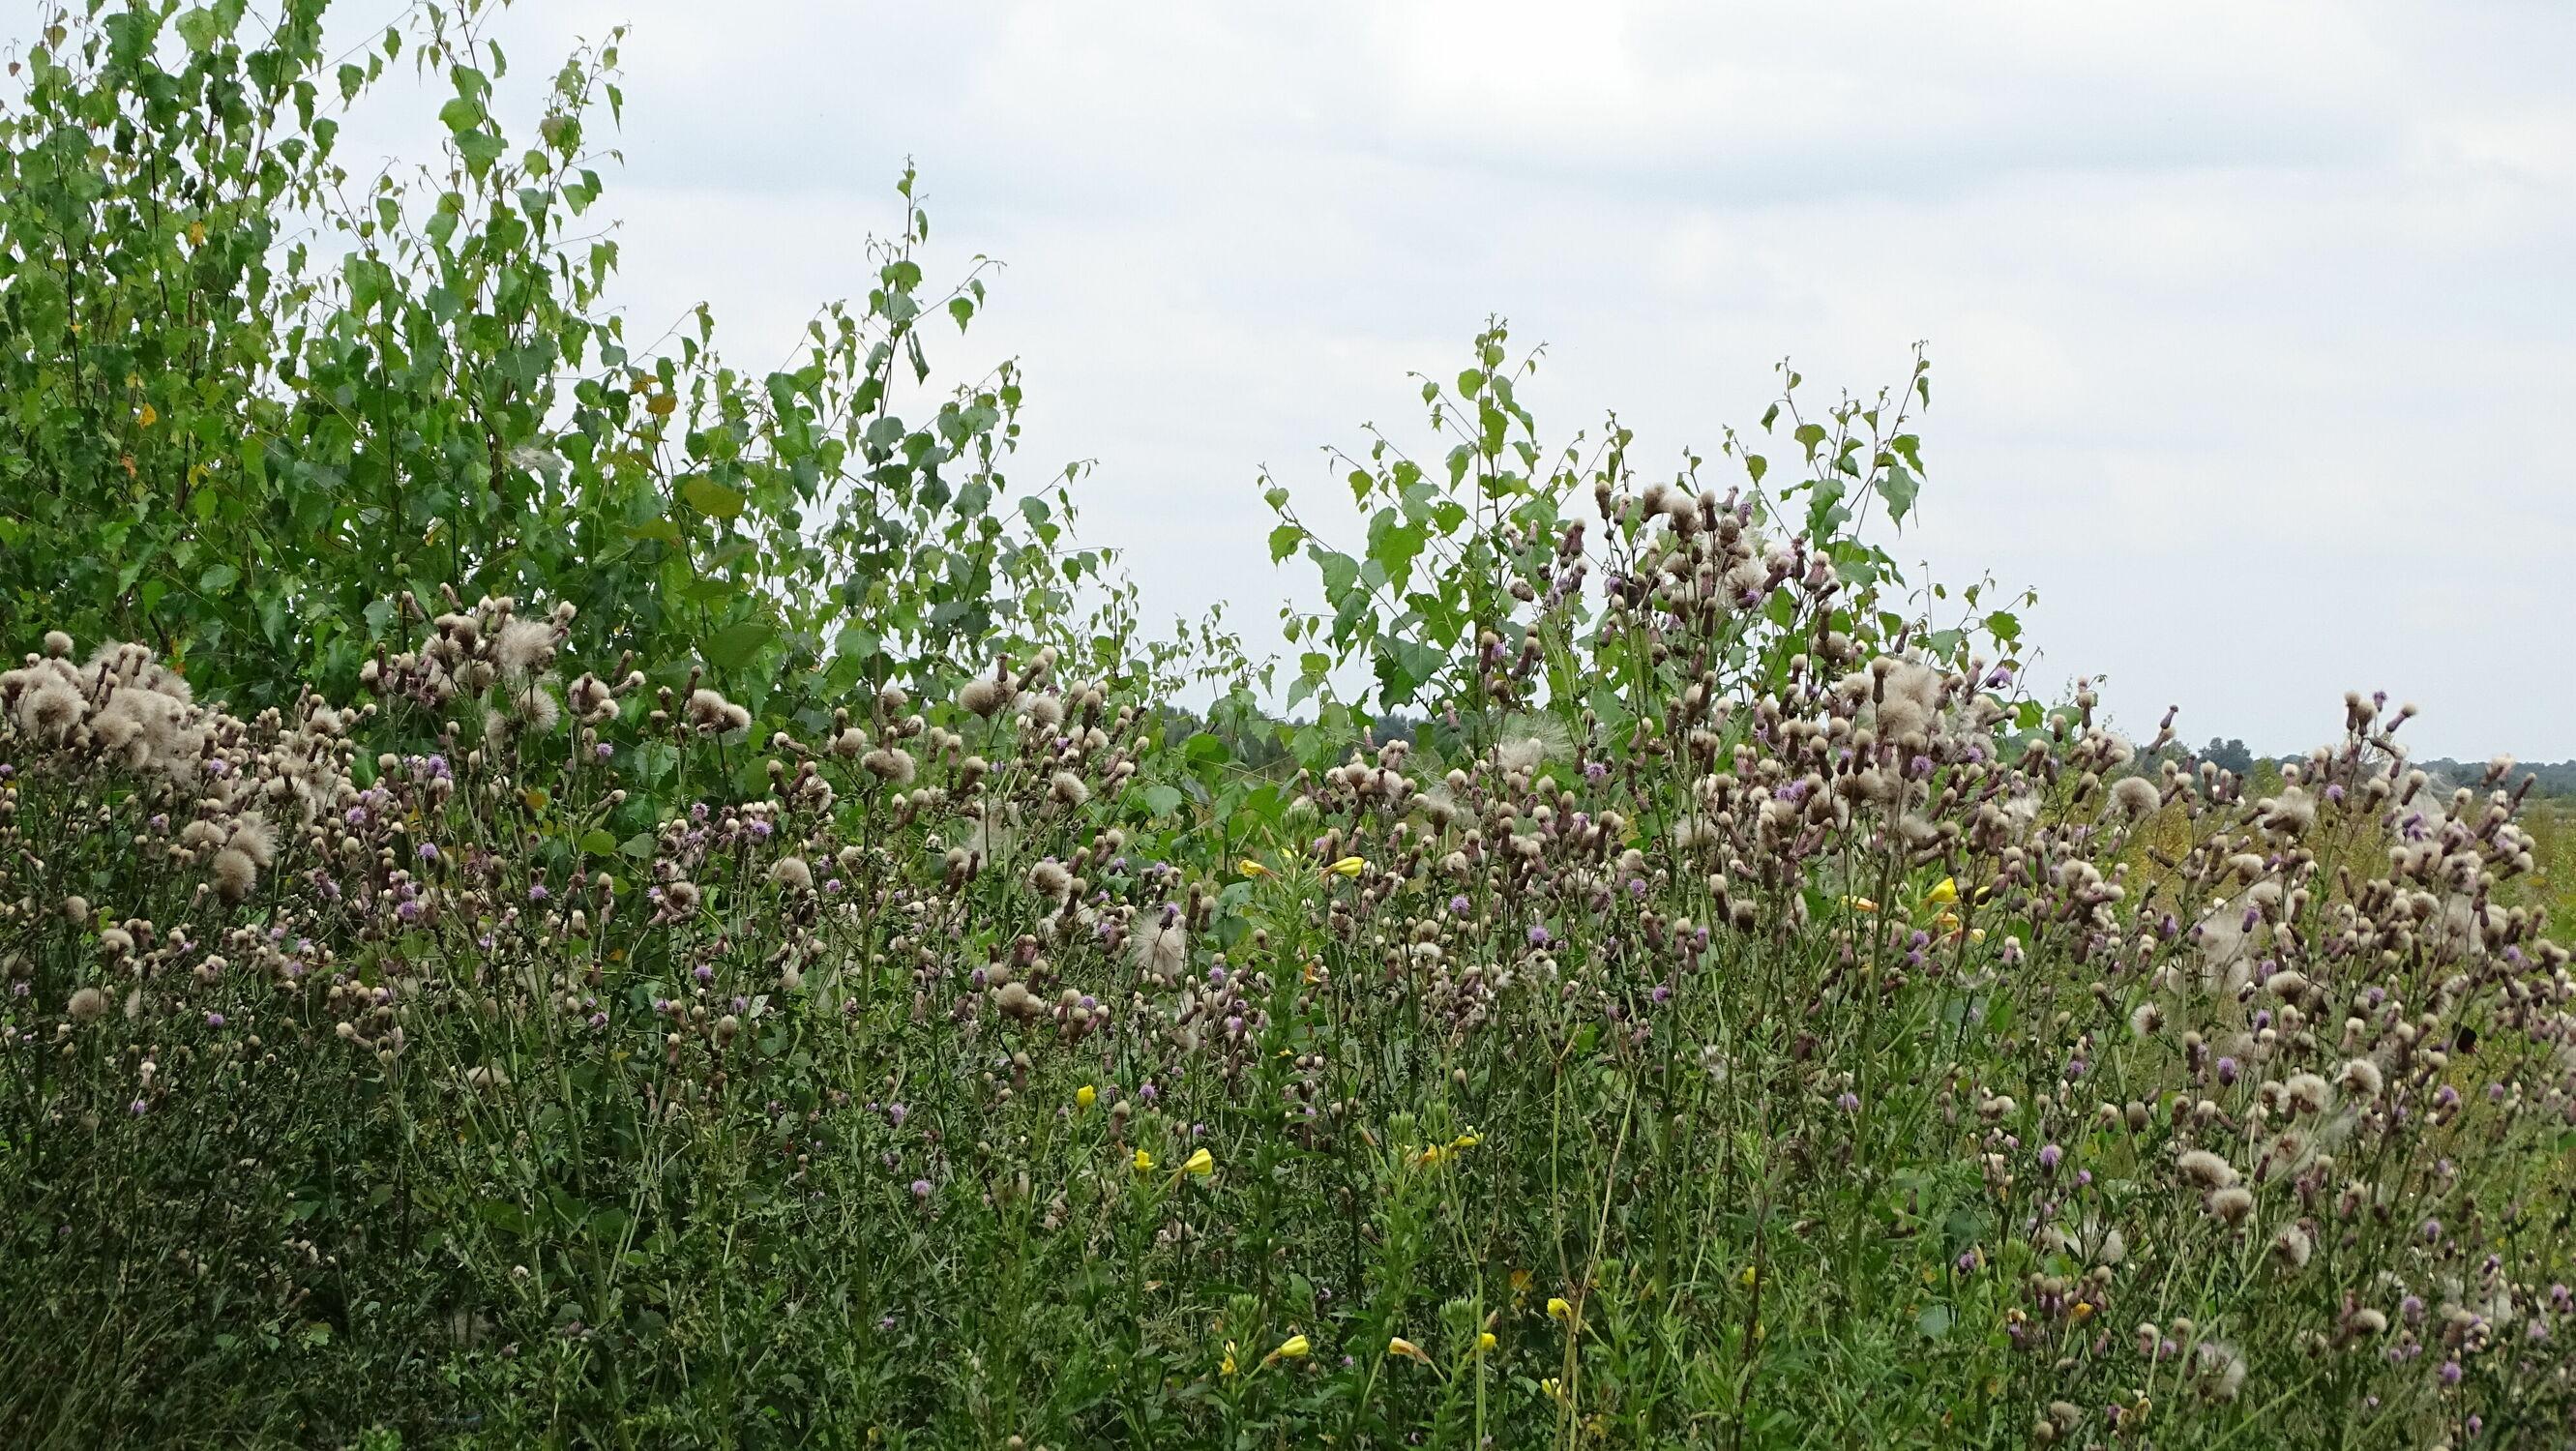 Bild mit Bäume, Amphibien, Laubbäume, Sträucher, Landschaft und Natur, Tiere & Insekten, Moor, Hochmoor